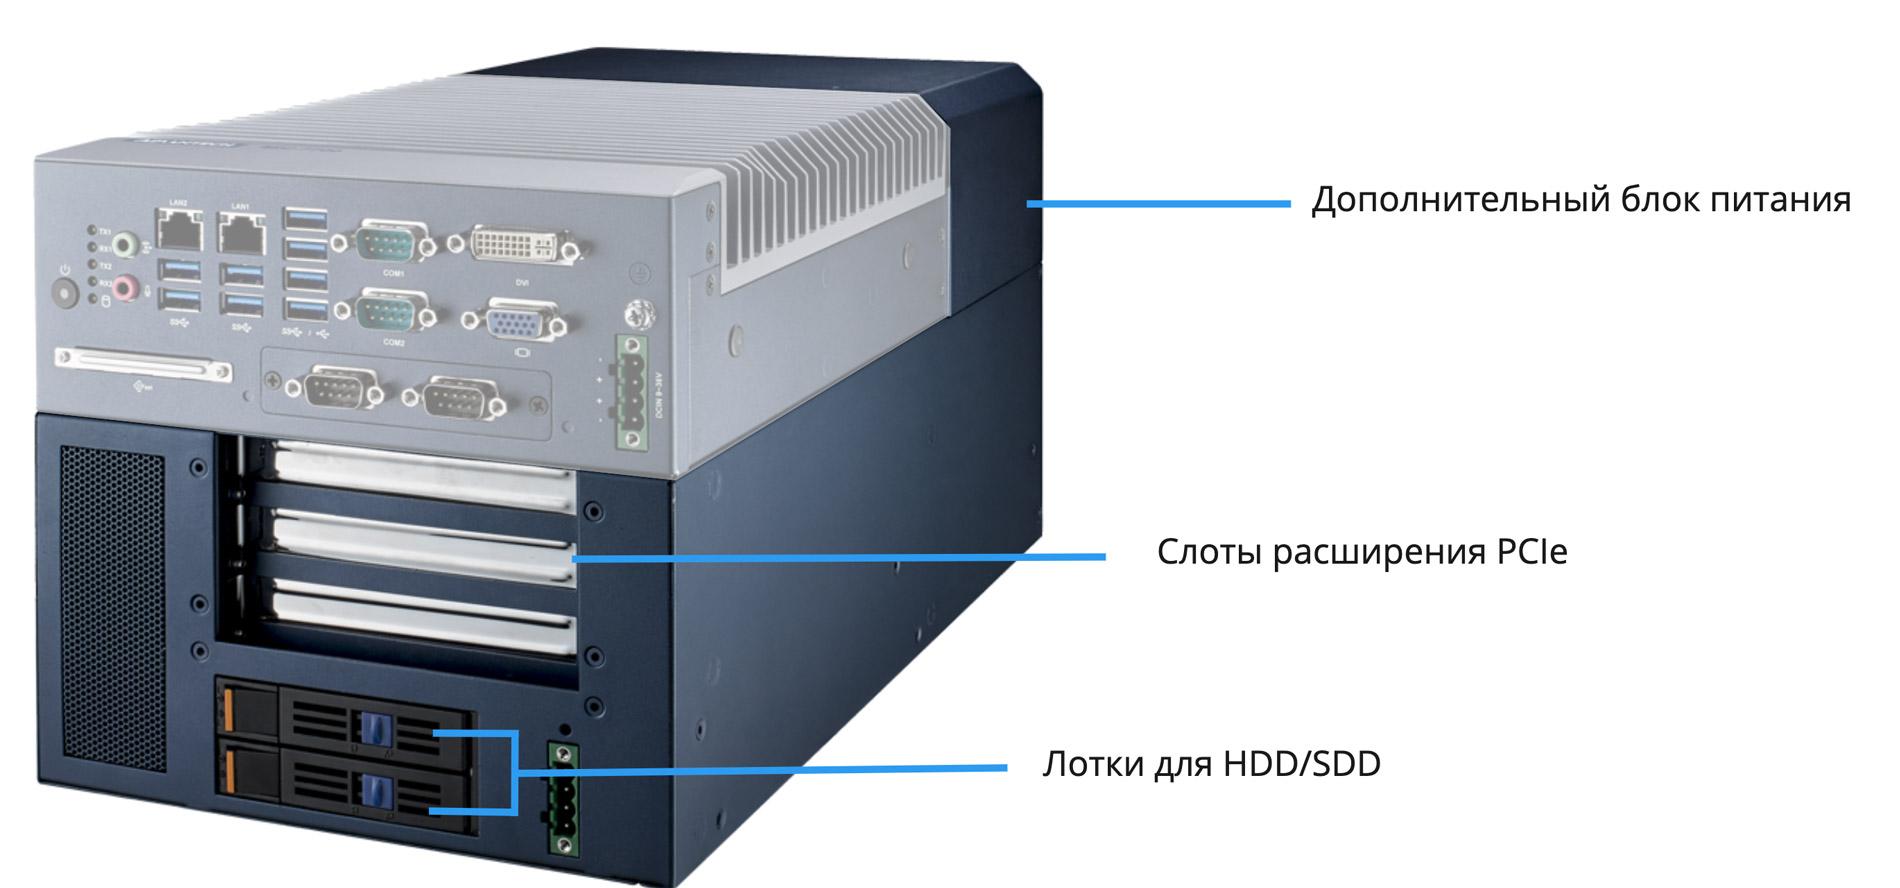 Безвентиляторные производительные компьютеры MIC-7000 - 8